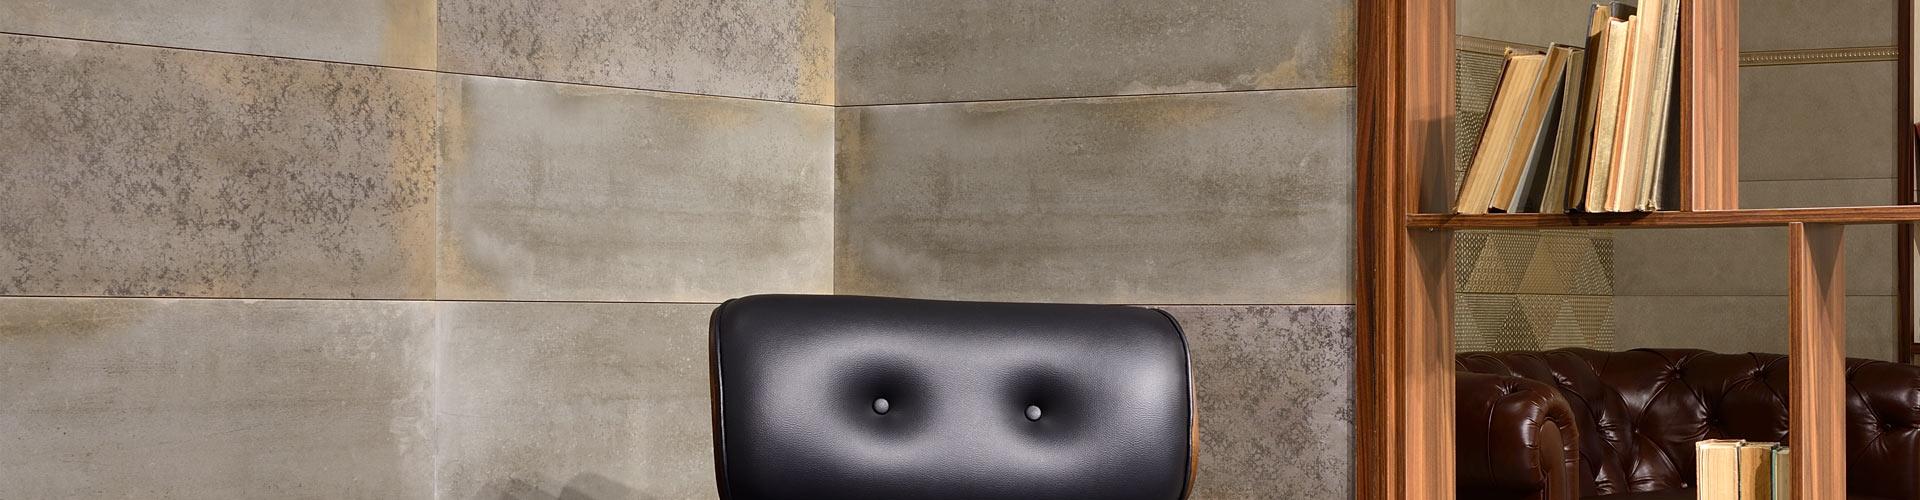 Керамическая плитка с декором